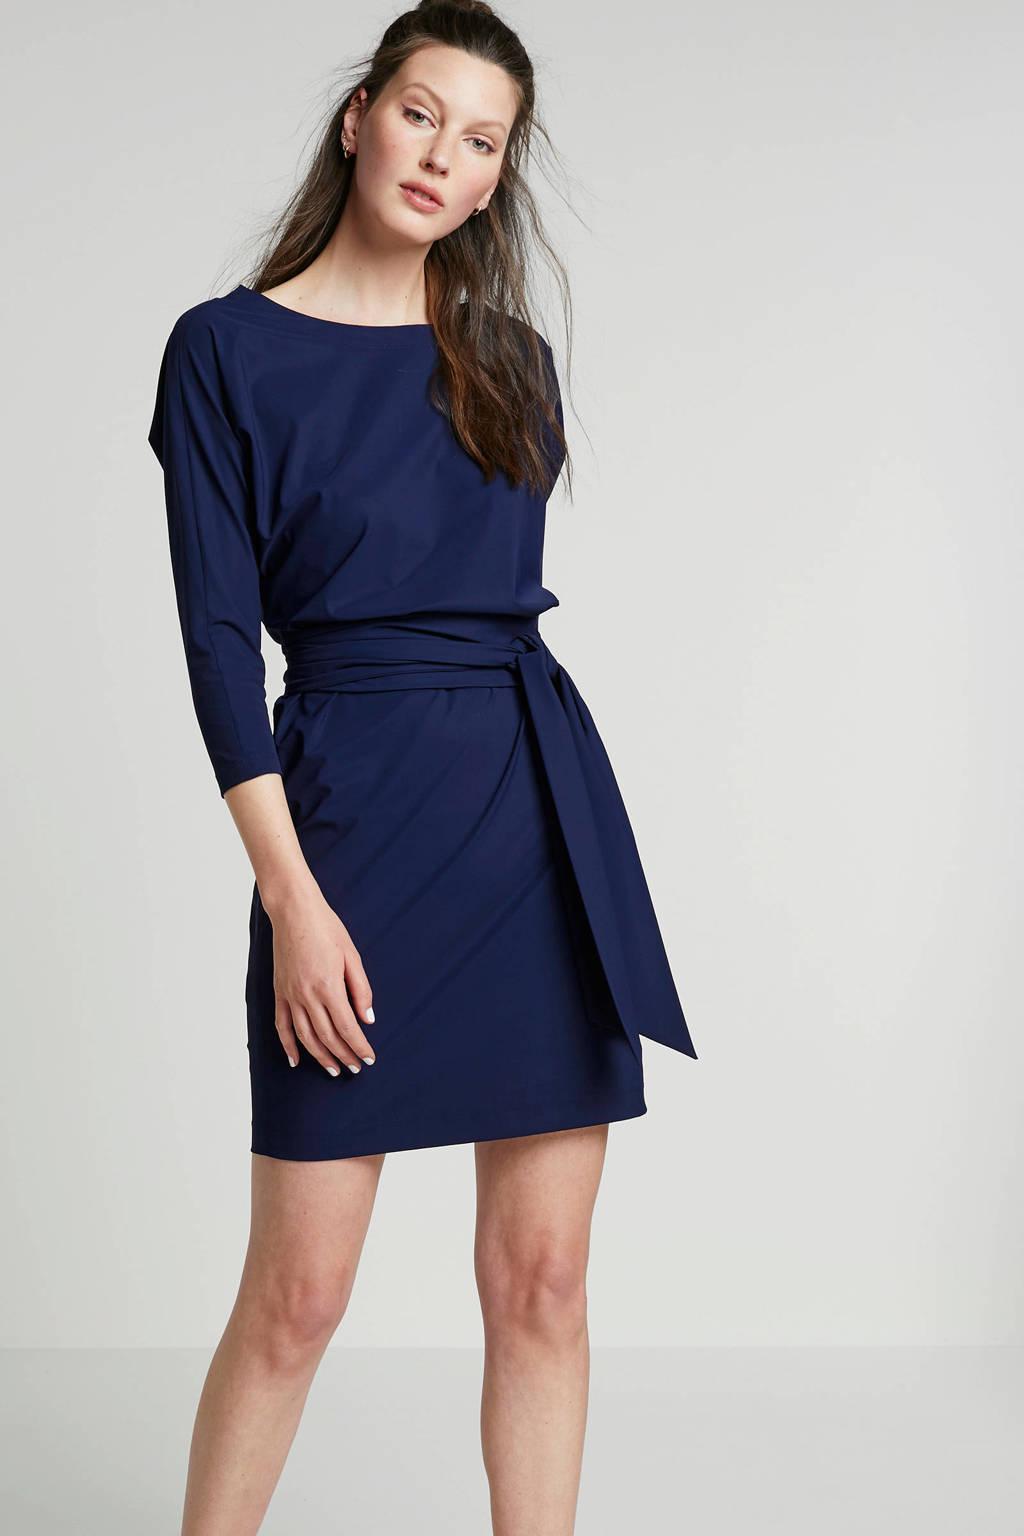 LaDress Carla jurk met ceintuur in travel kwaliteit, Donkerblauw